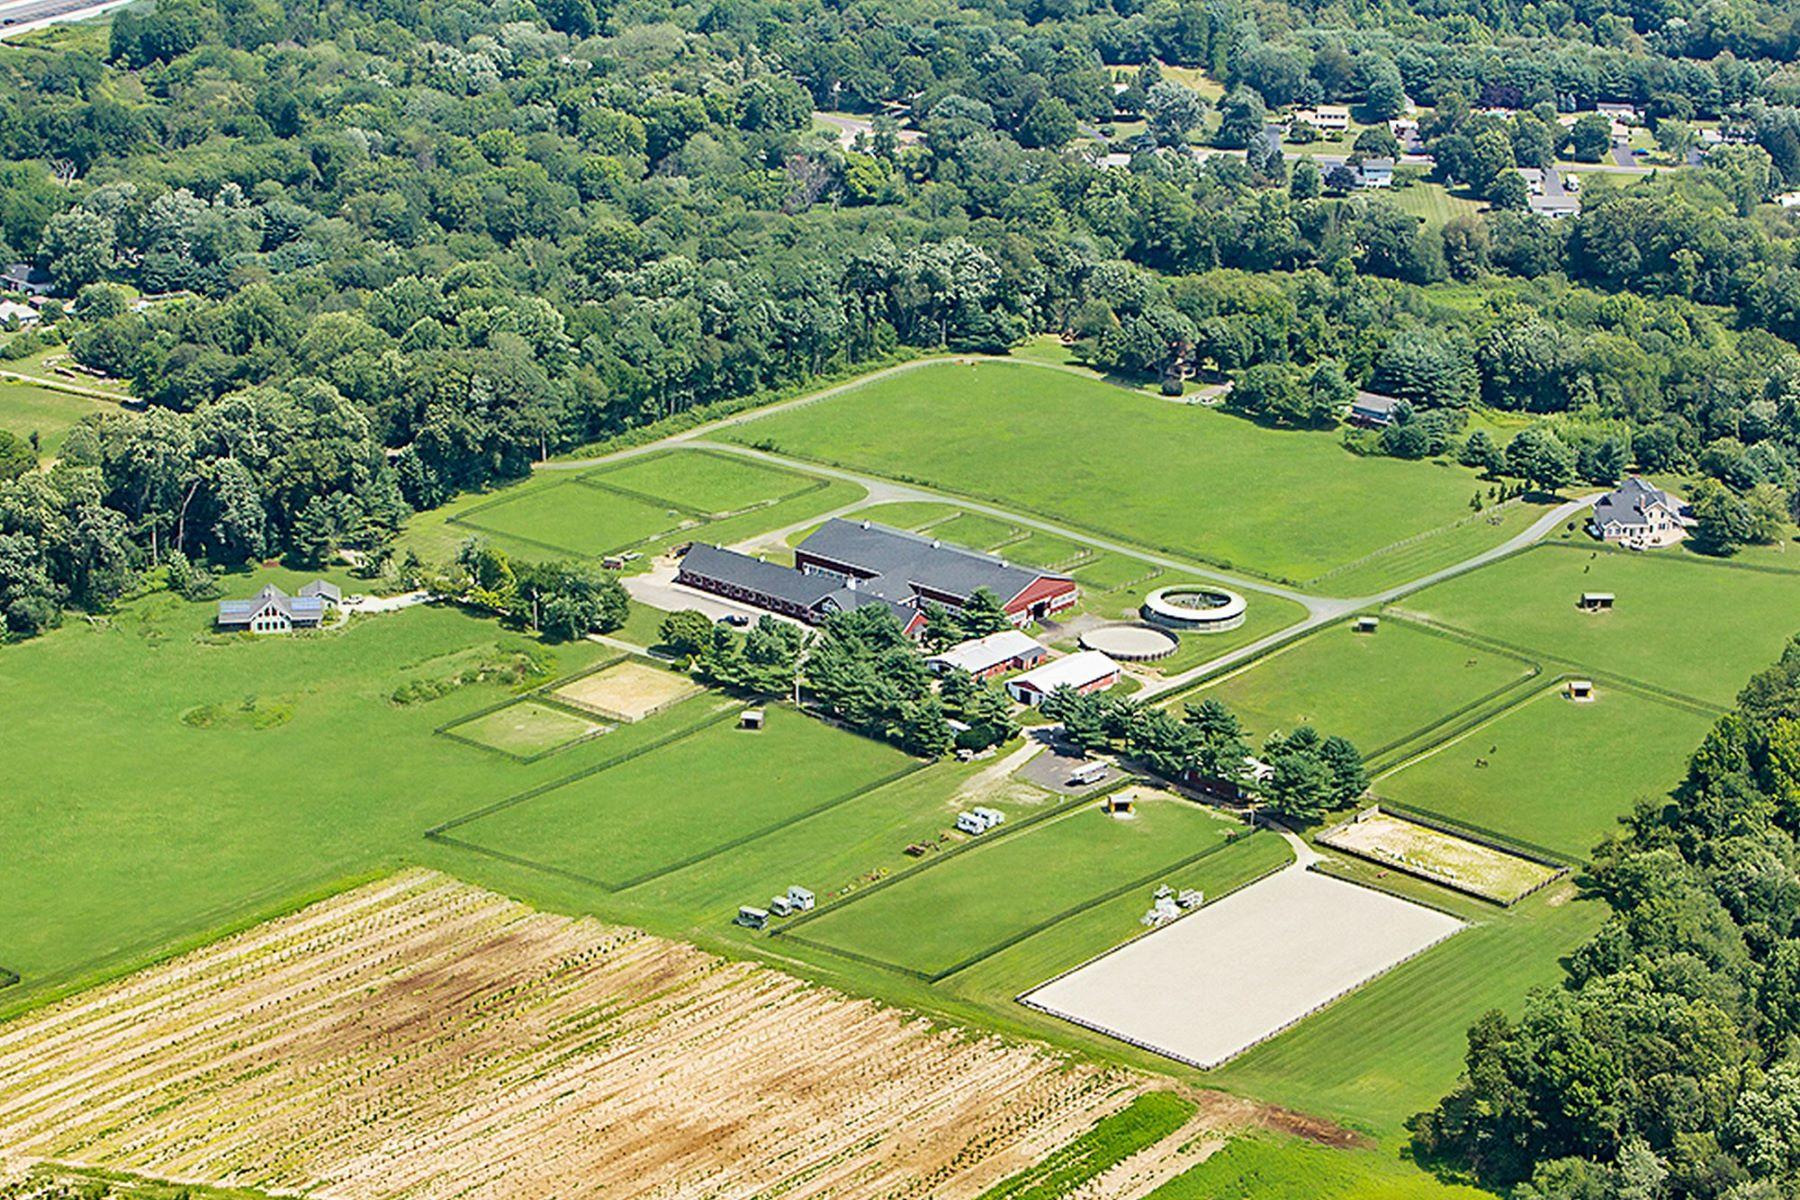 Ferme / Ranch / Plantation pour l Vente à Hay Fever Farm with 2 Residences 296 Sharon Road, Robbinsville, New Jersey 08691 États-Unis